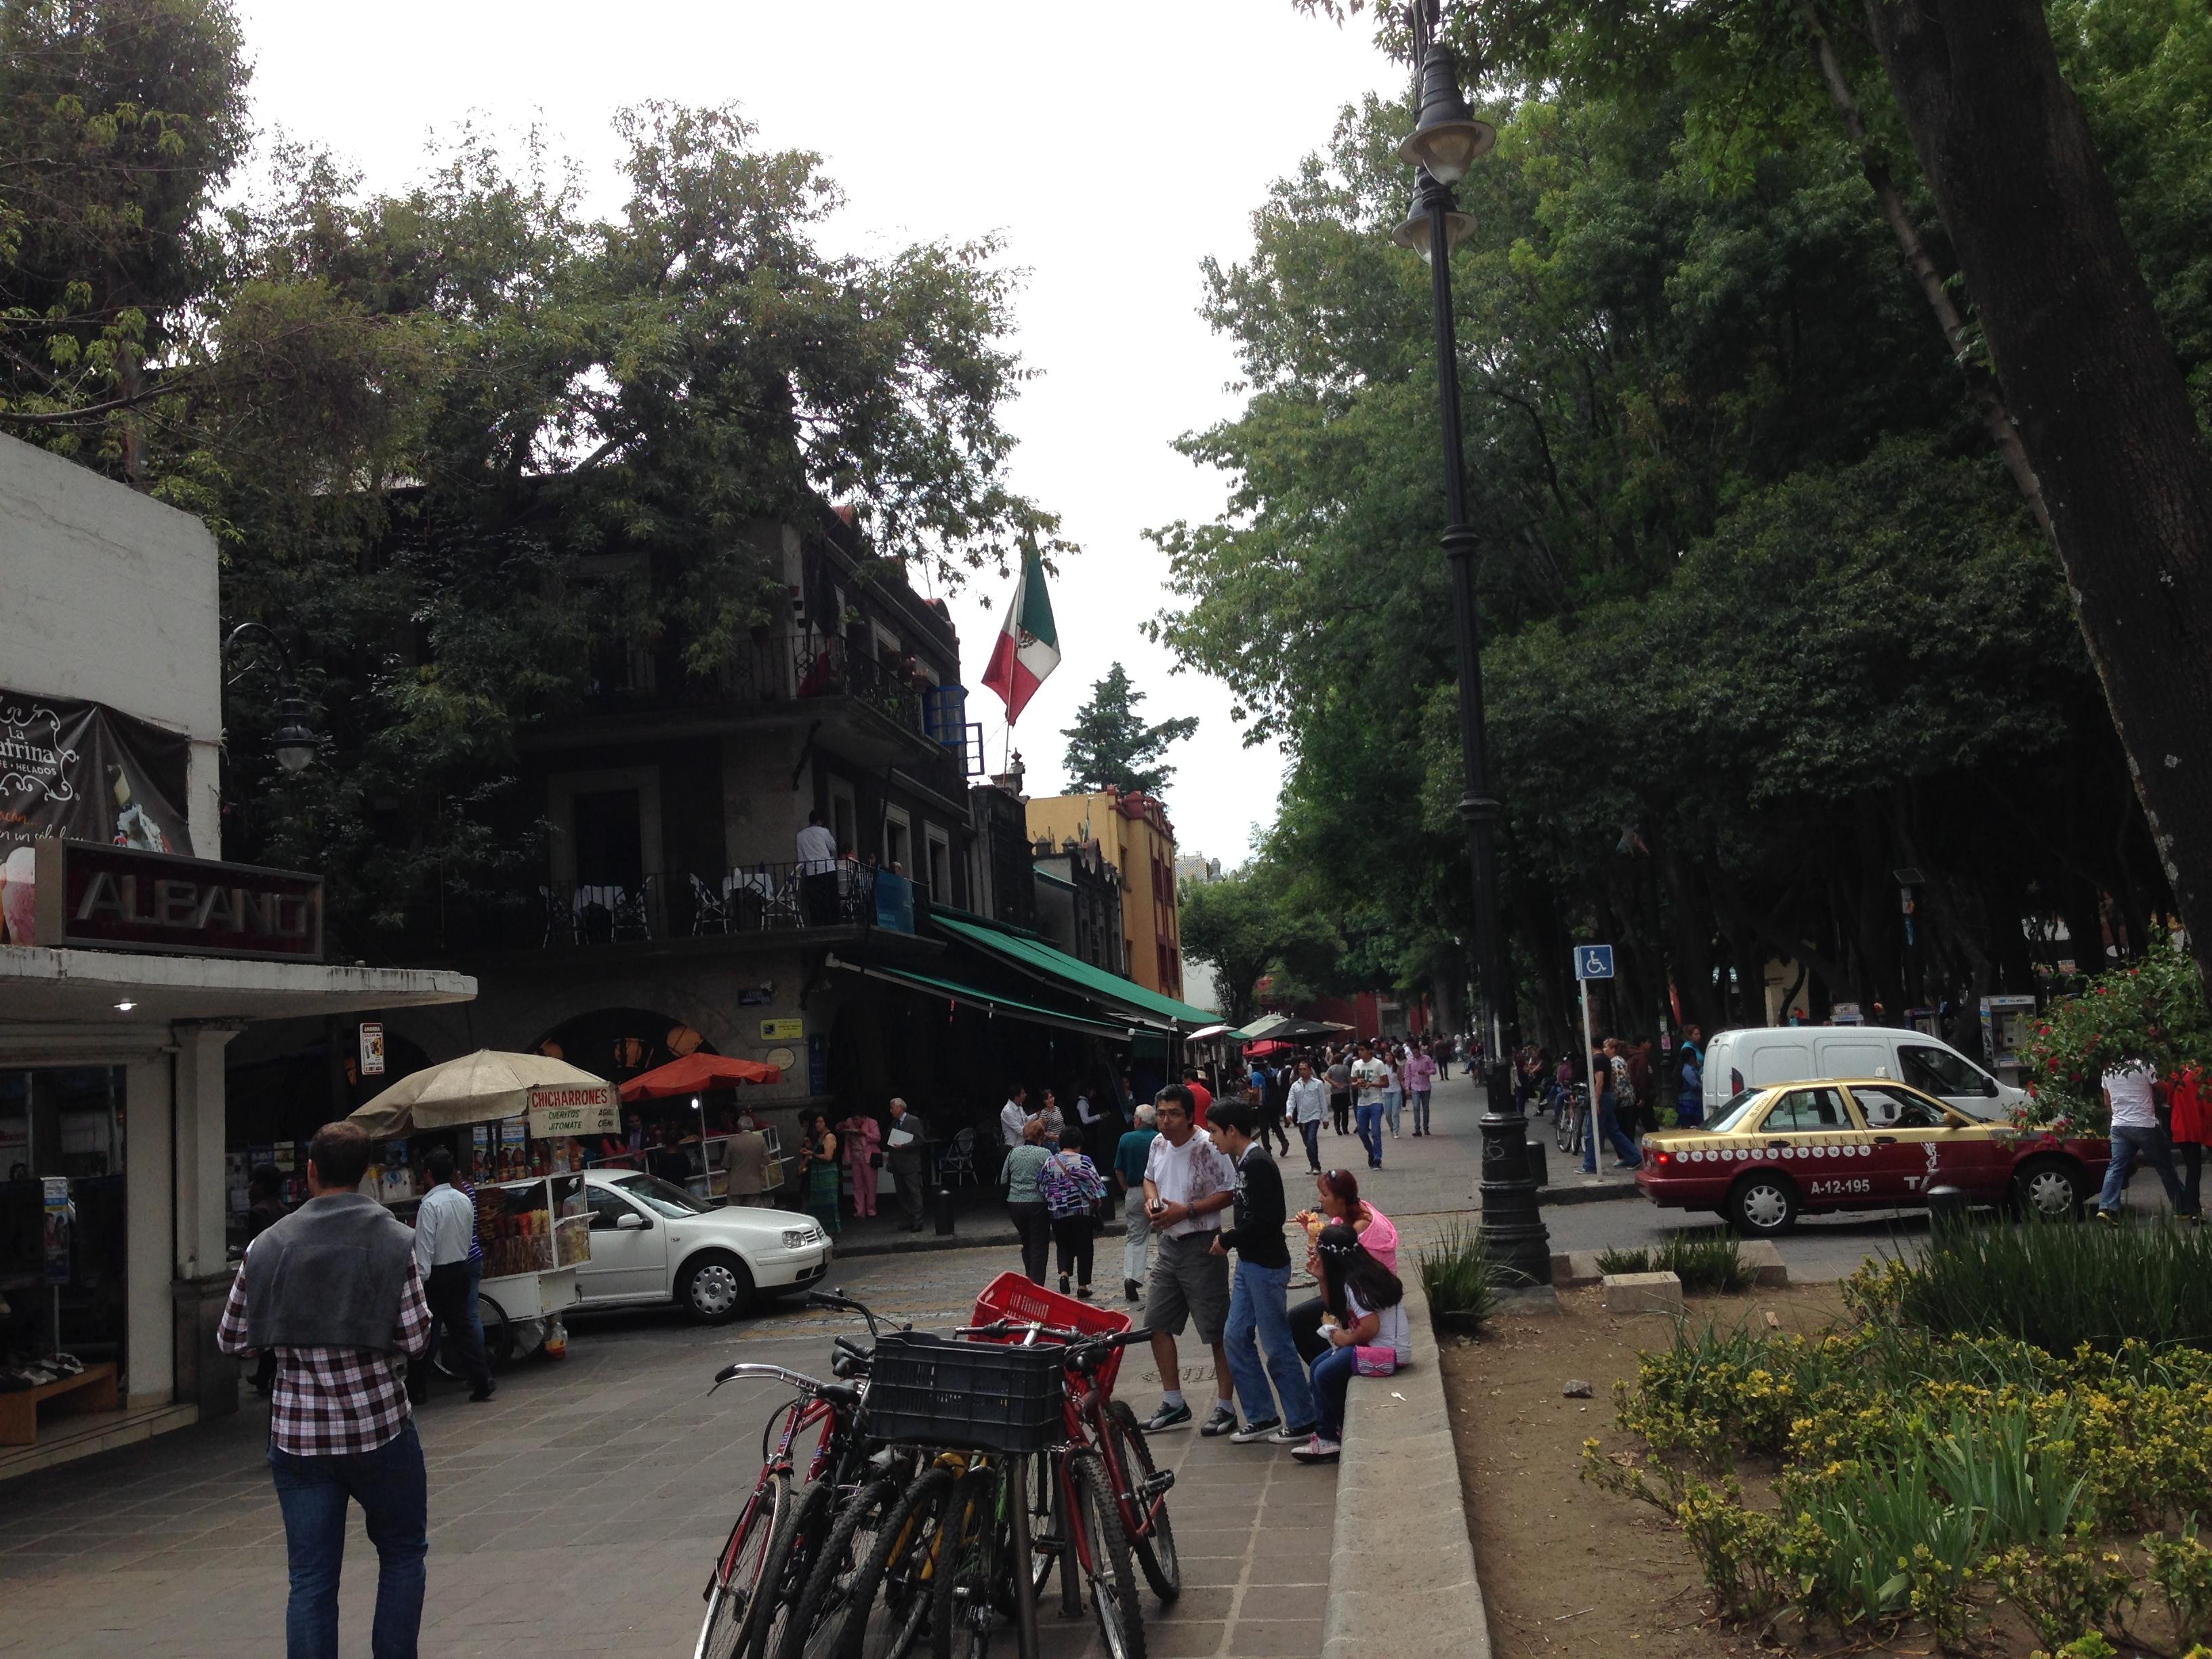 Calle típica de Coyoacán